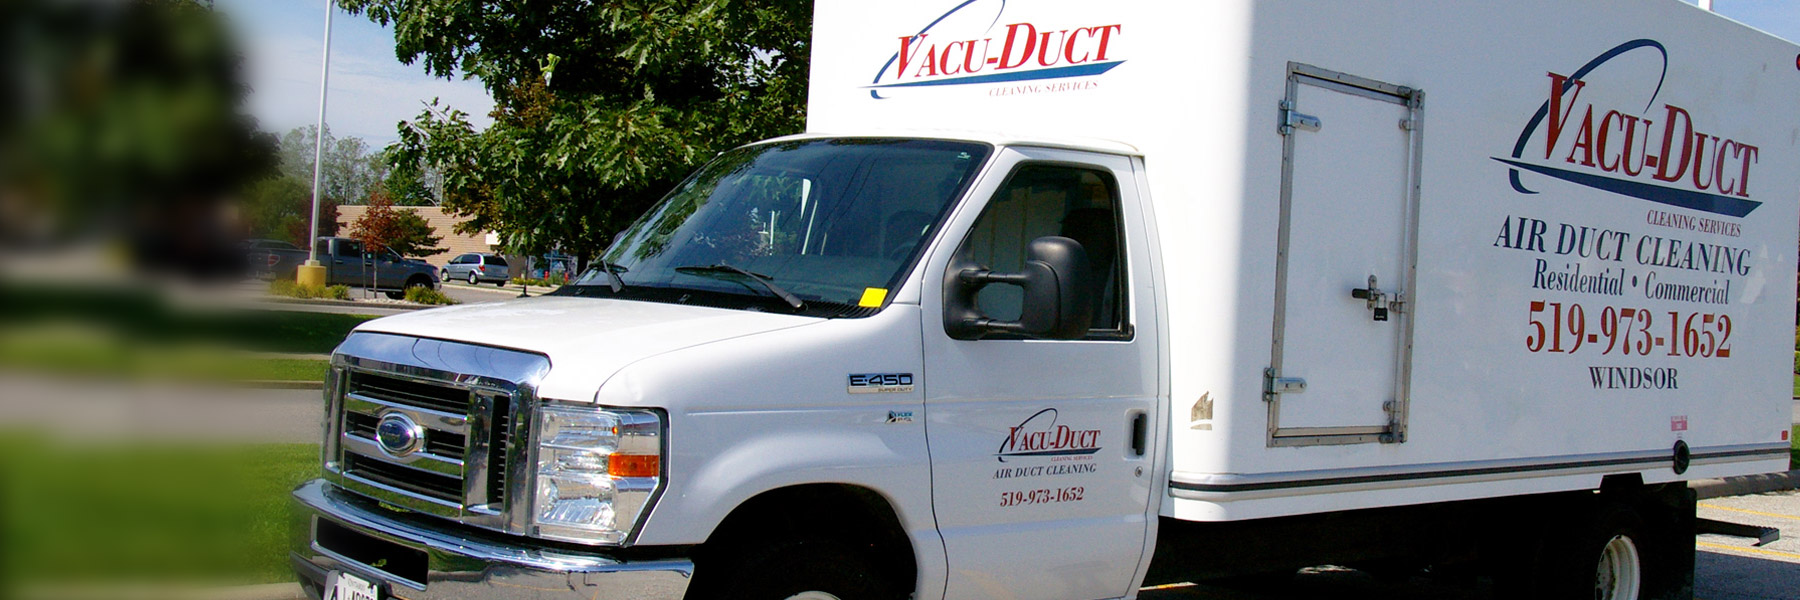 Vacu-Truck-Slide-r